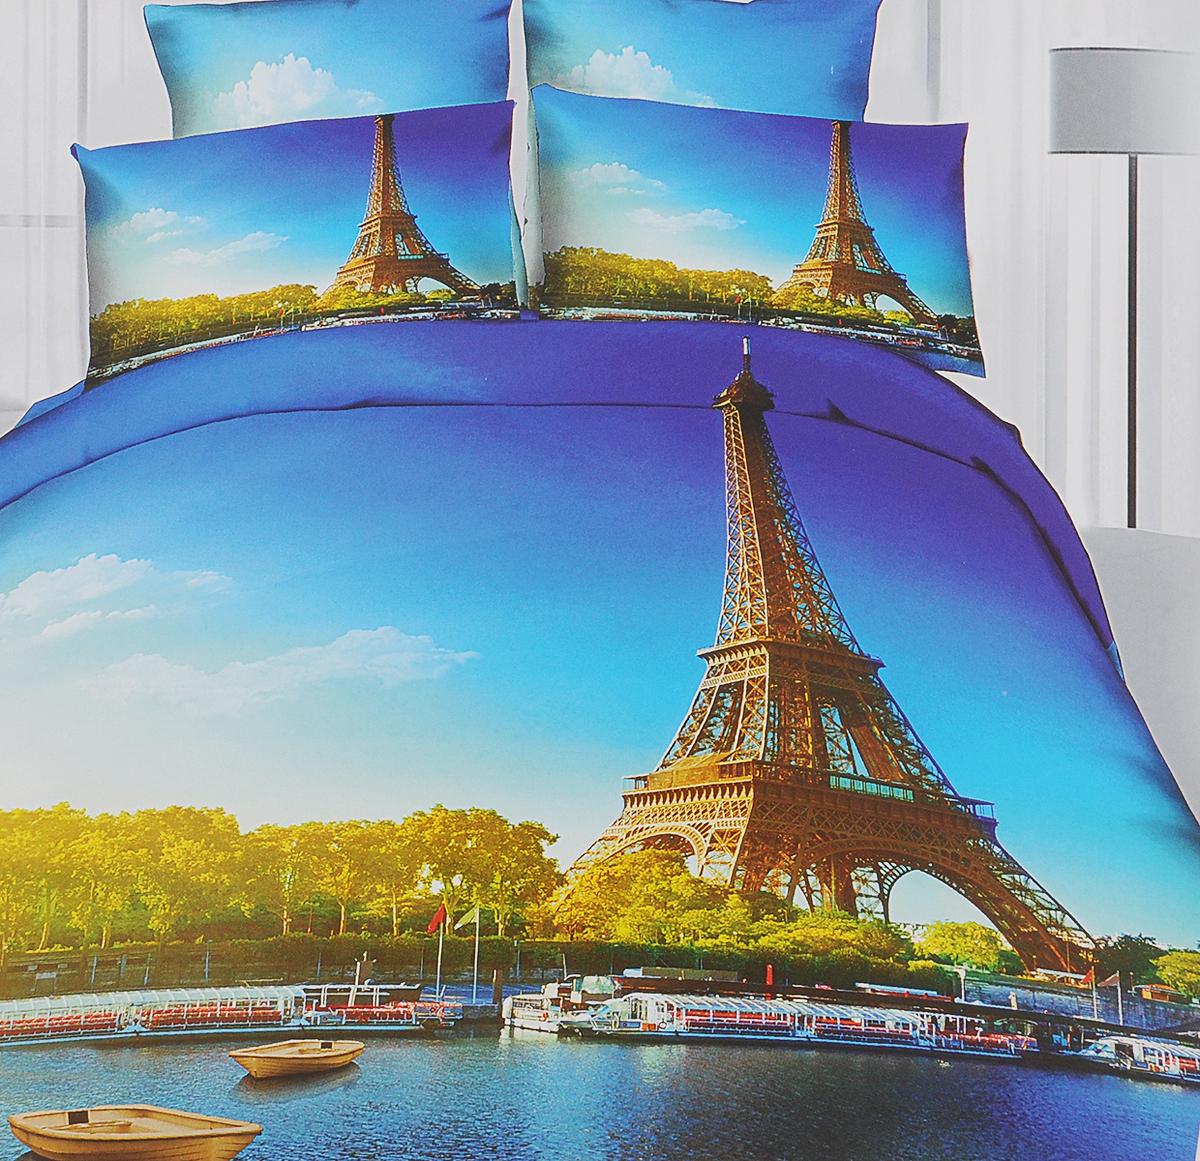 Комплект белья Mango Париж, 2-спальный, наволочки 50х70RC-100BWCКомплект постельного белья Mango Париж, изготовленный из сатина (100% хлопок), поможет вам расслабиться и подарит спокойный сон. Комплект состоит из пододеяльника, простыни и двух наволочек на молнии. Предметы комплекта оформлены 3D рисунком. Постельное белье имеет изысканный внешний вид и обладает яркими, сочными цветами. Благодаря такому комплекту постельного белья вы сможете создать атмосферу уюта и комфорта в вашей спальне. Сатин - производится из высших сортов хлопка, а своим блеском, легкостью и на ощупь напоминает шелк. Такая ткань рассчитана на 200 стирок и более. Постельное белье из сатина превращает жаркие летние ночи в прохладные и освежающие, а холодные зимние - в теплые и согревающие. Благодаря натуральному хлопку, комплект постельного белья из сатина приобретает способность пропускать воздух, давая возможность телу дышать. Одно из преимуществ материала в том, что он практически не мнется и ваша спальня всегда будет аккуратной и нарядной.